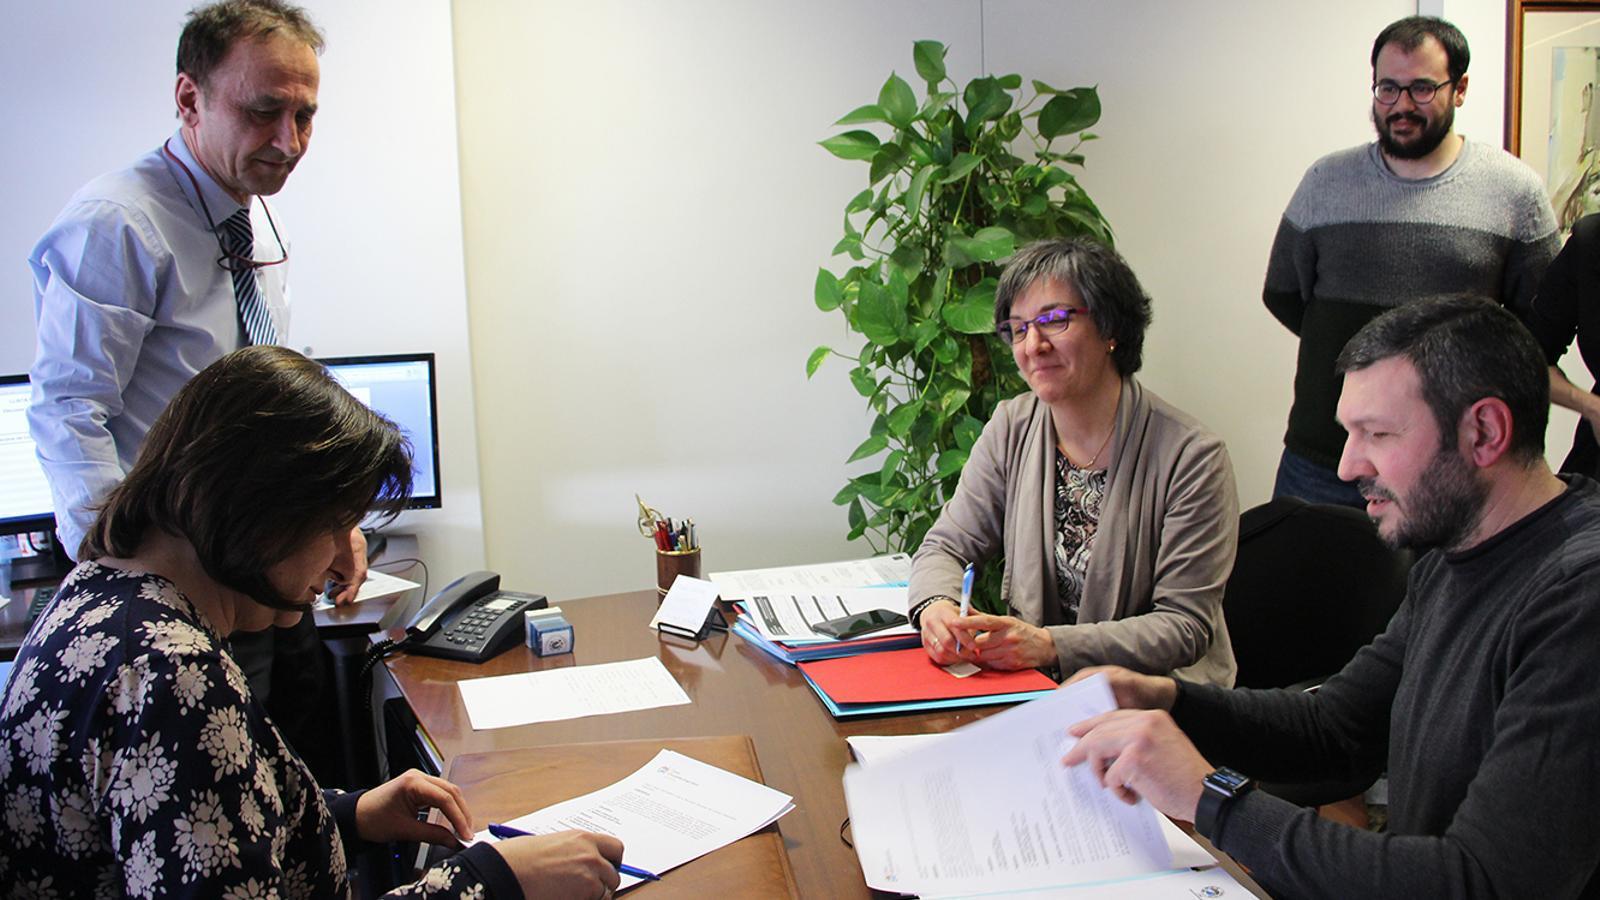 Un moment de la presentació de la llista conjunta de D'acord a Escaldes-Engordany, de la mà de Cèlia Vendrell i Jordi Moreno. / M. F. (ANA)